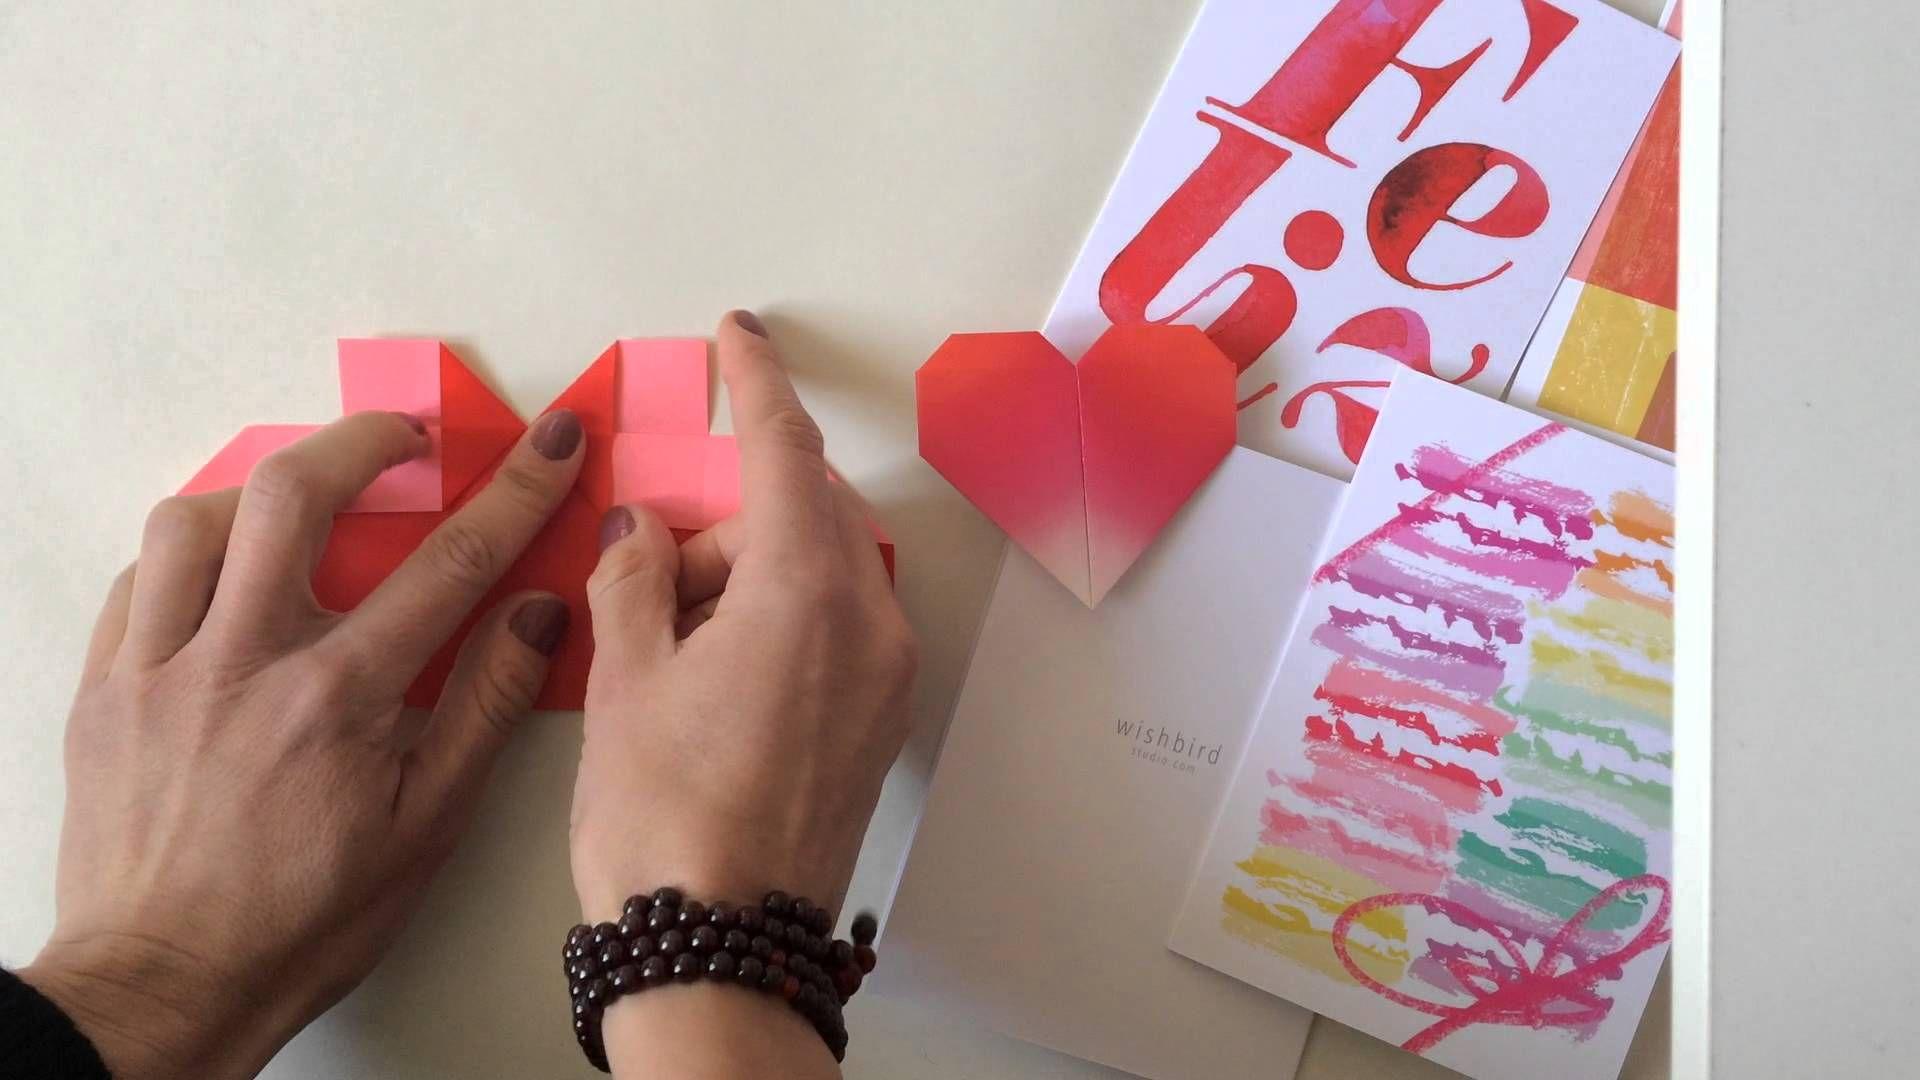 hazlo tu mismo #corazondepapel   Échale un ojo a nuestras #wishbirdstudio #tarjetasdefelicitacion en las papelerías en Barcelona! Para nuevos pedidos, basta con enviar un email a wishbirdstudio@gmail.com! #sanvalentin2015